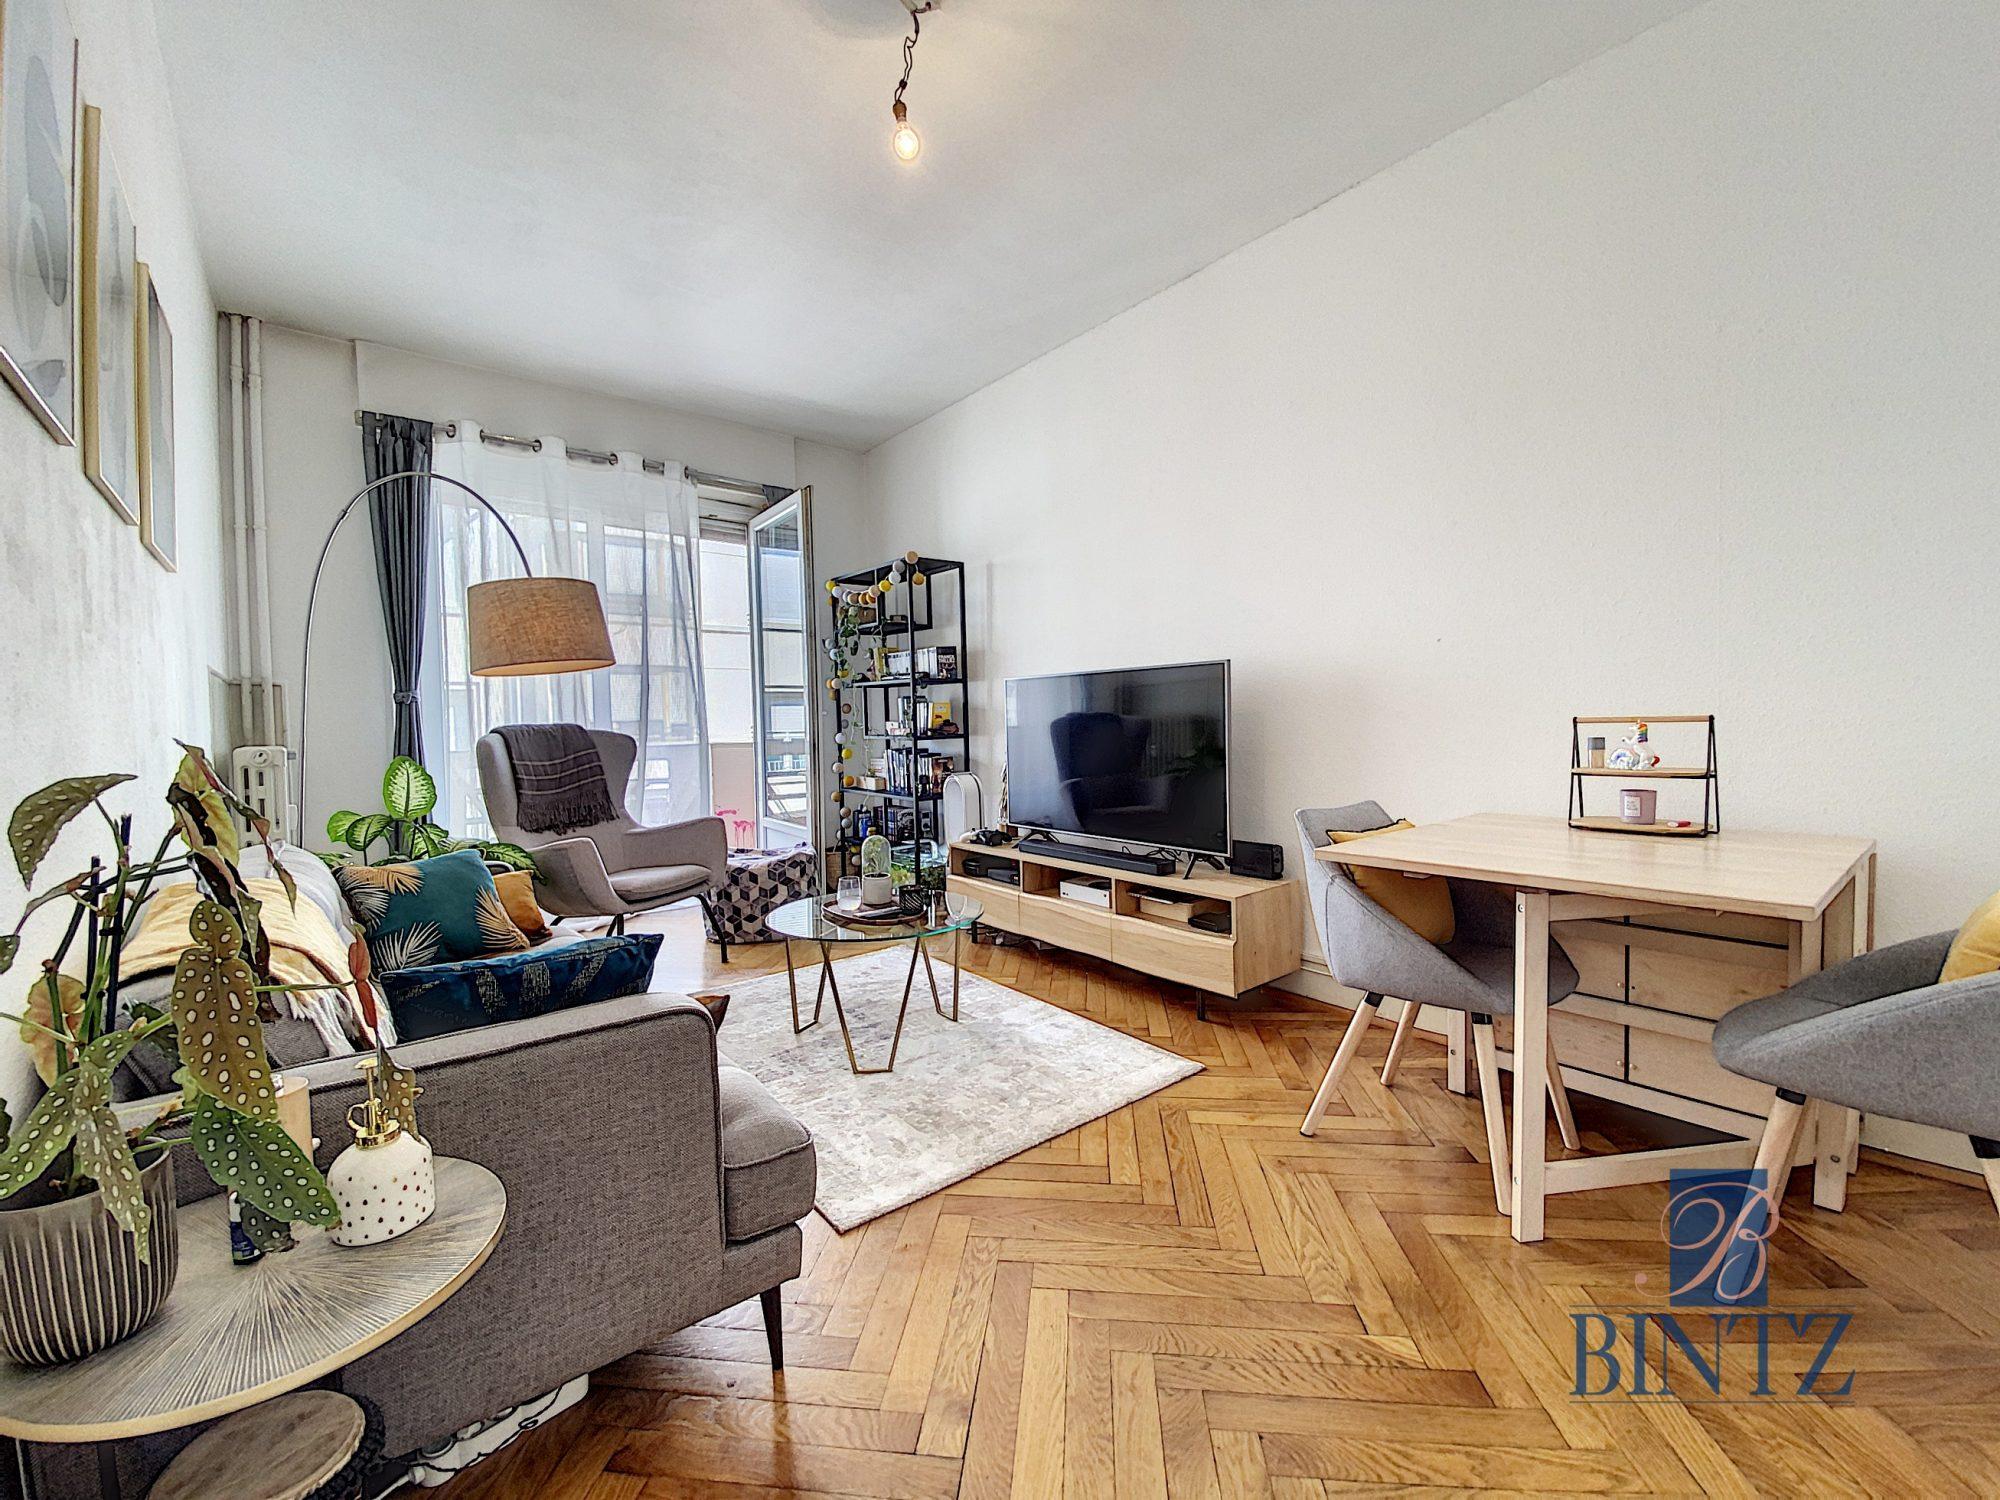 2 PIECES AVEC BALCON KRUTENAU - Devenez locataire en toute sérénité - Bintz Immobilier - 9